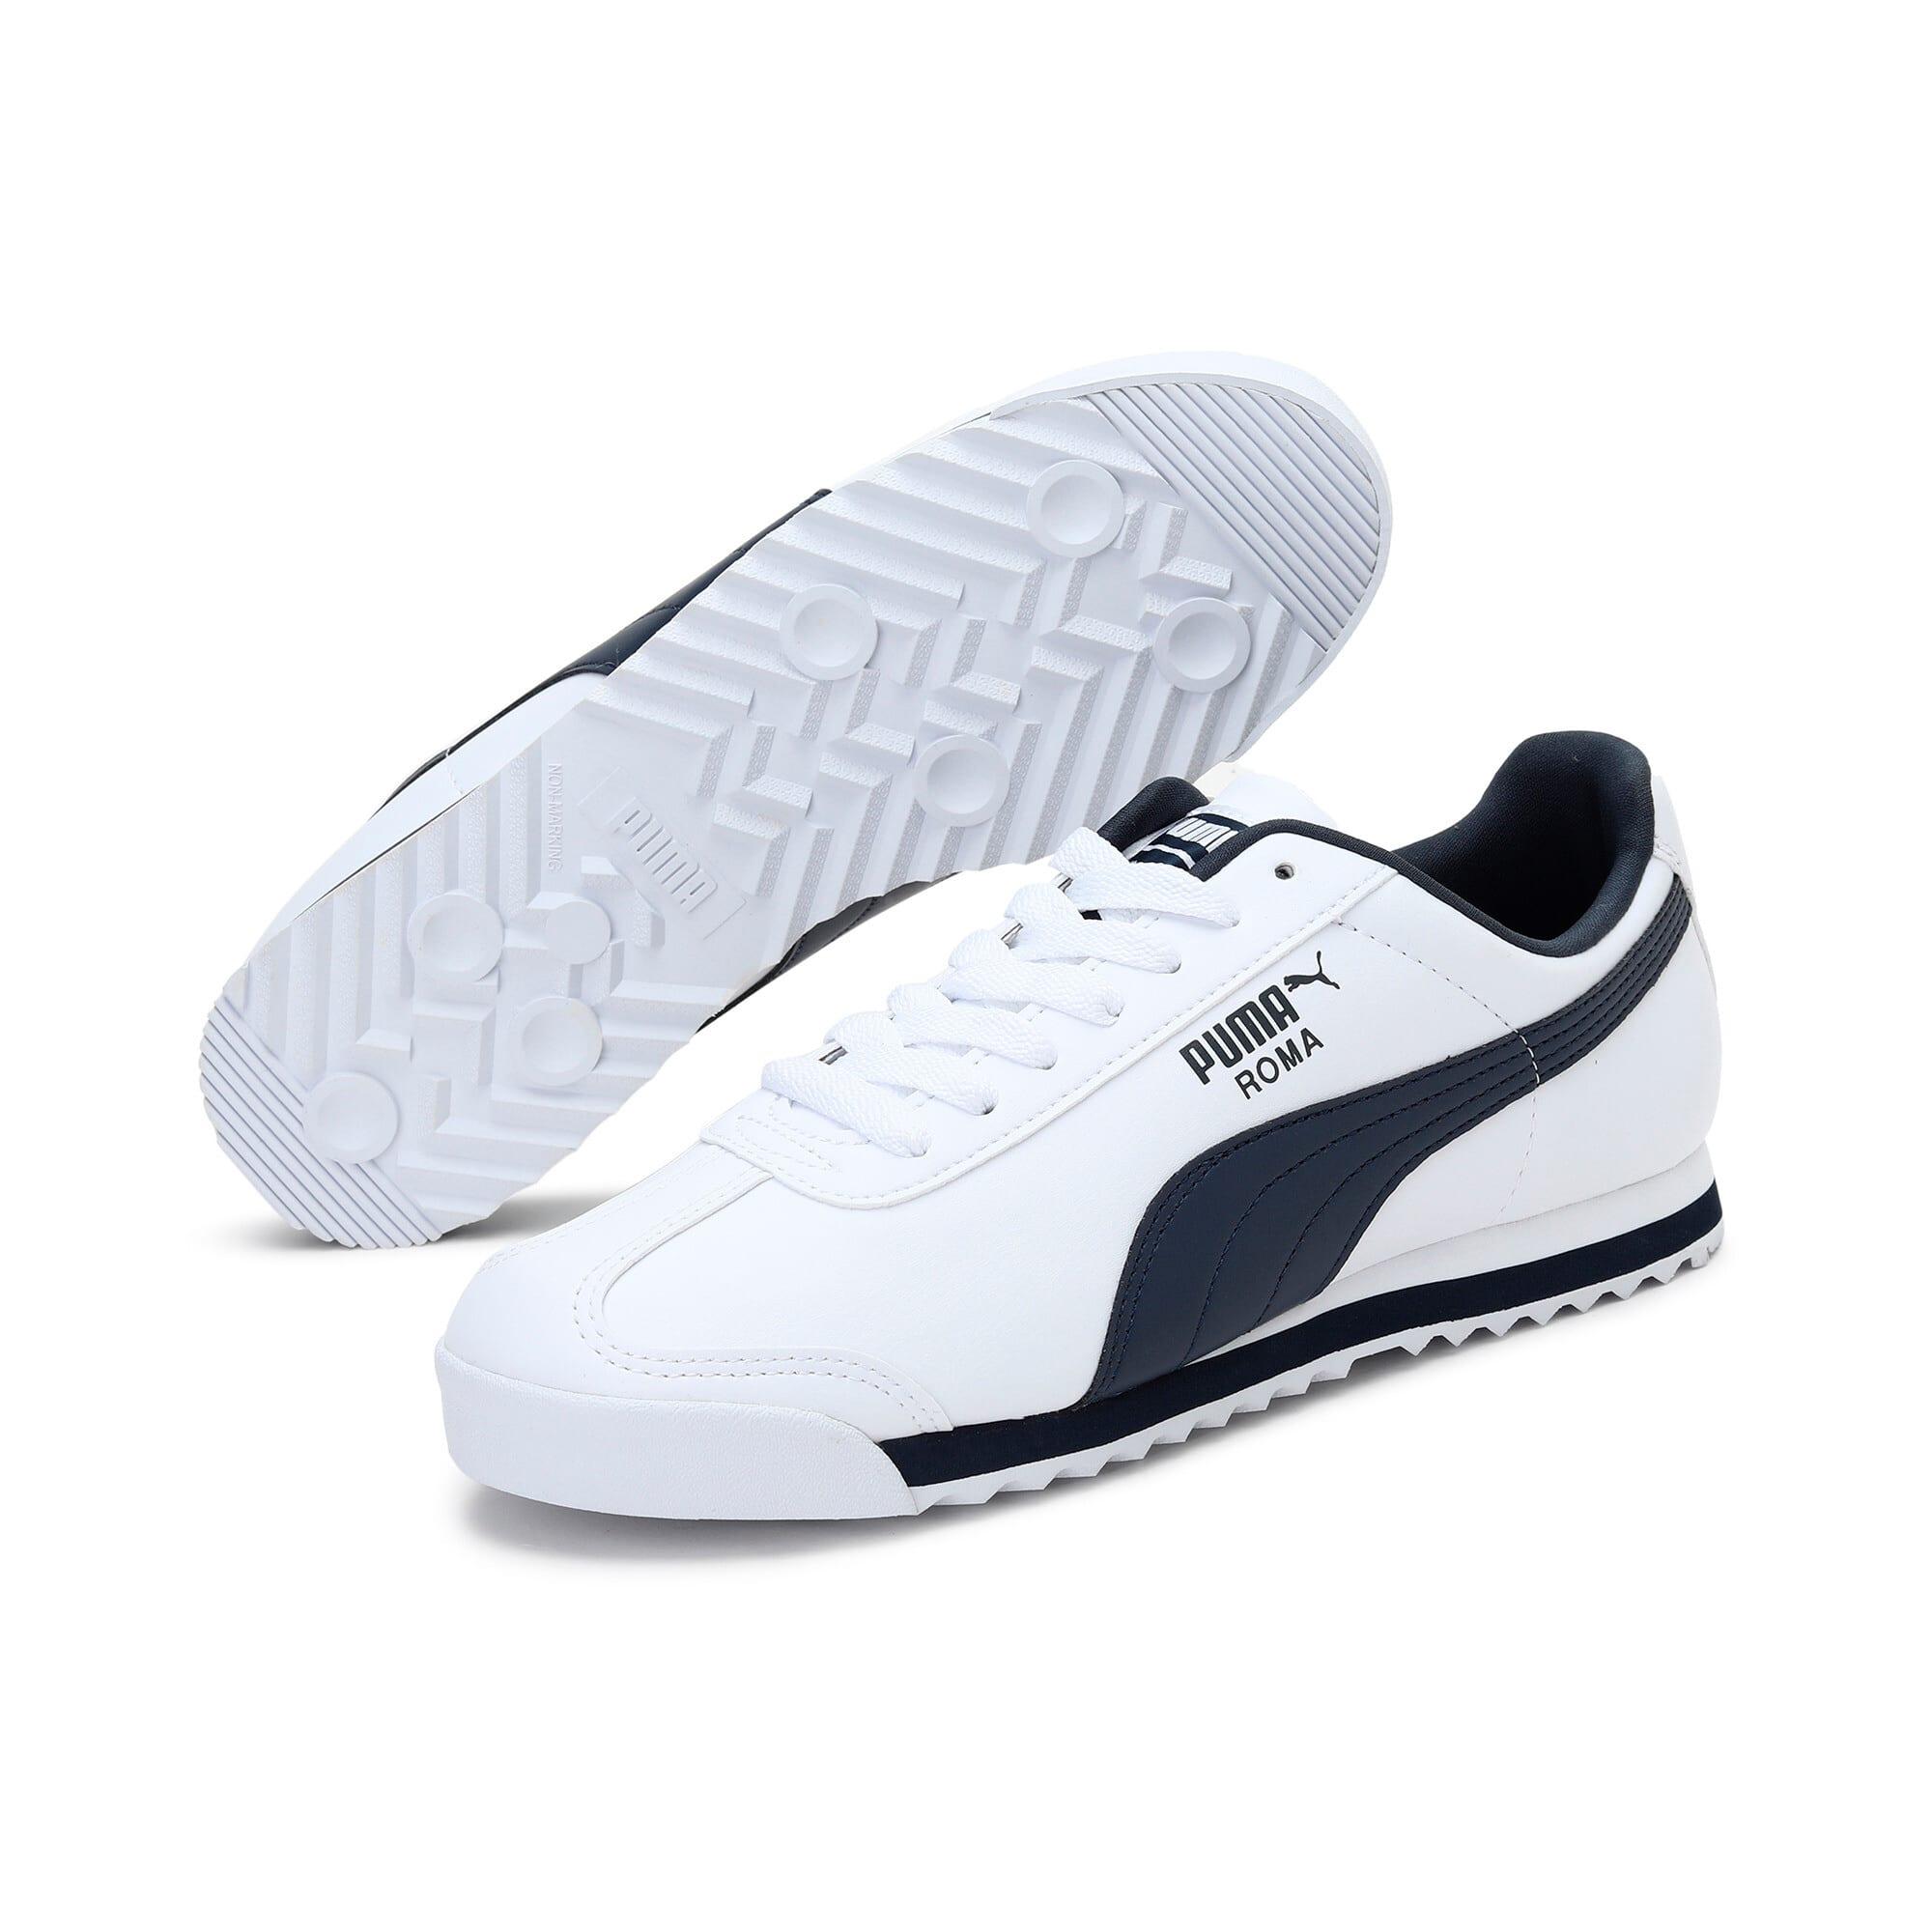 Miniatura 2 de Zapatos deportivos Roma Basic para hombre, white-new navy, mediano